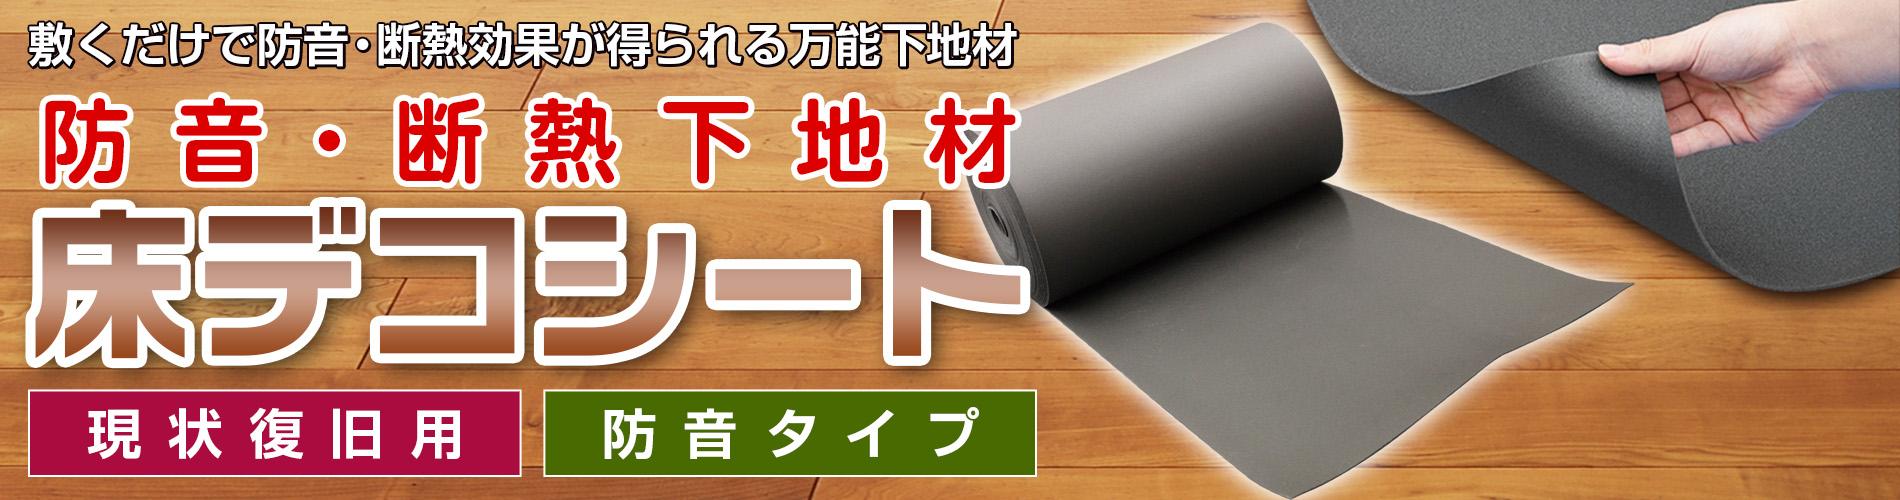 防音・断熱下地材 床デコシート